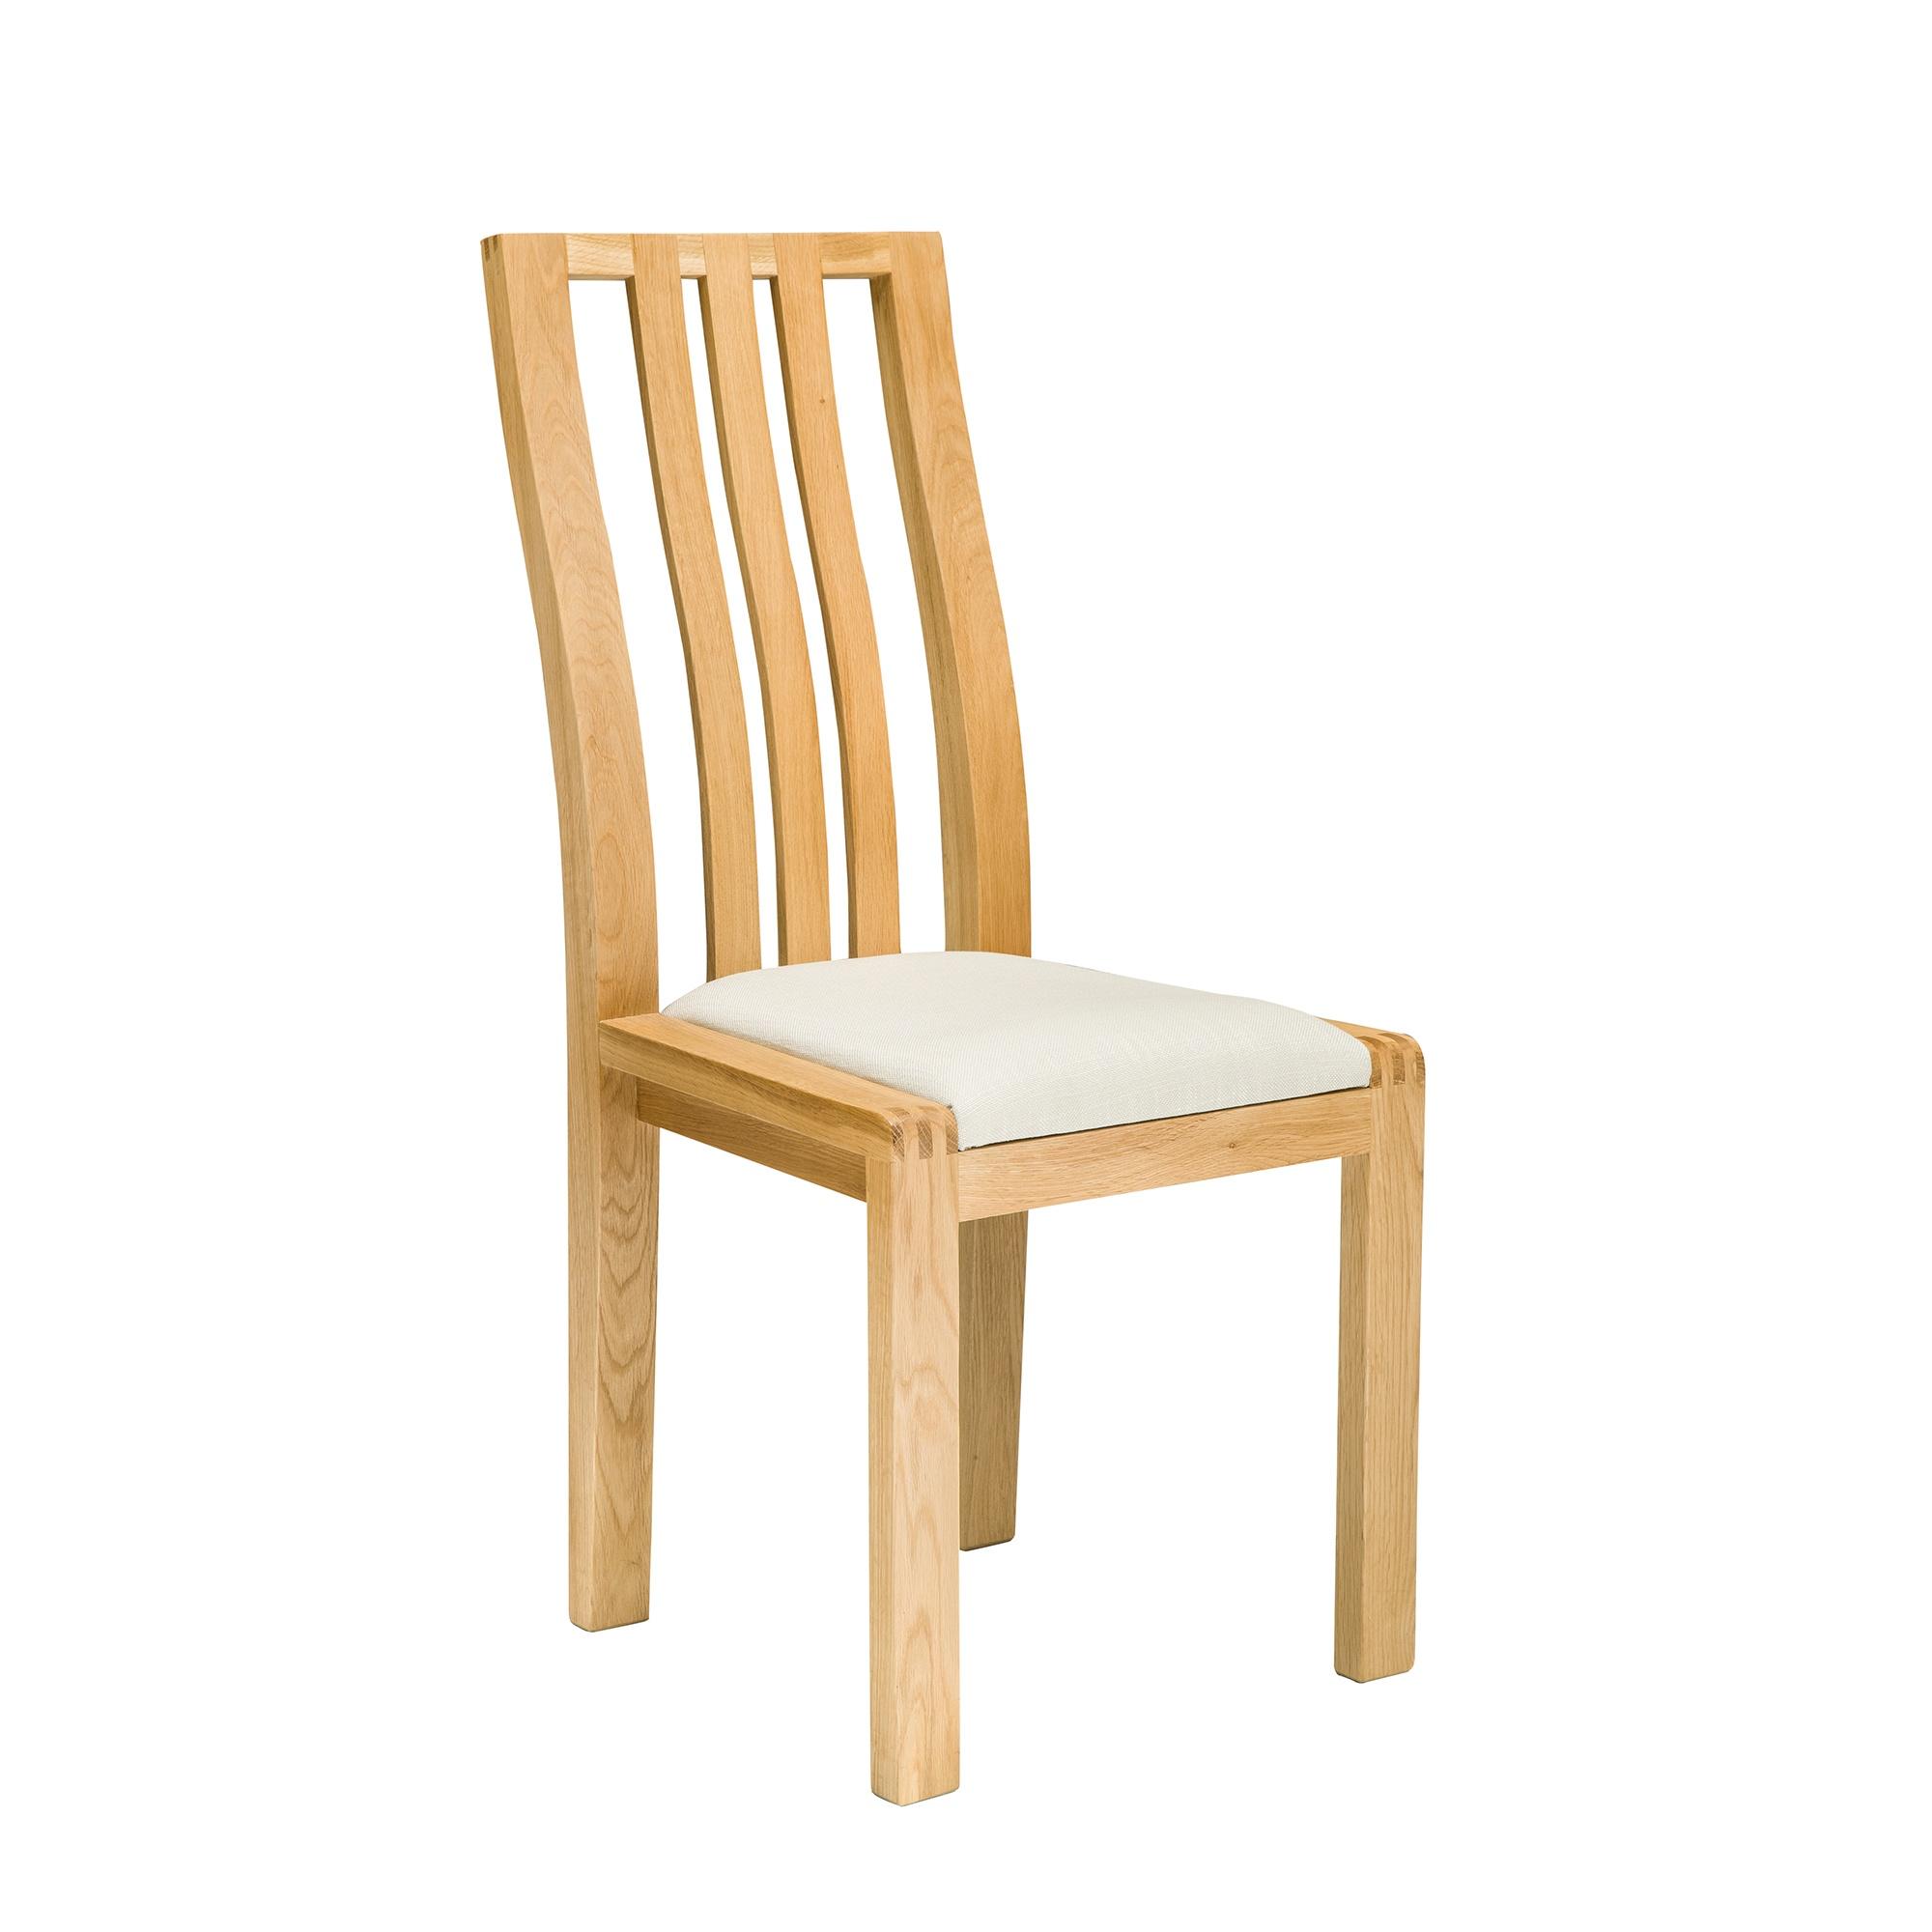 Bedroom Recliner Chairs Bedroom Furniture Floor Plan Cream Carpet Bedroom Bedroom Bench Uk: Ercol Bosco Dining Chair In Cream Fabric